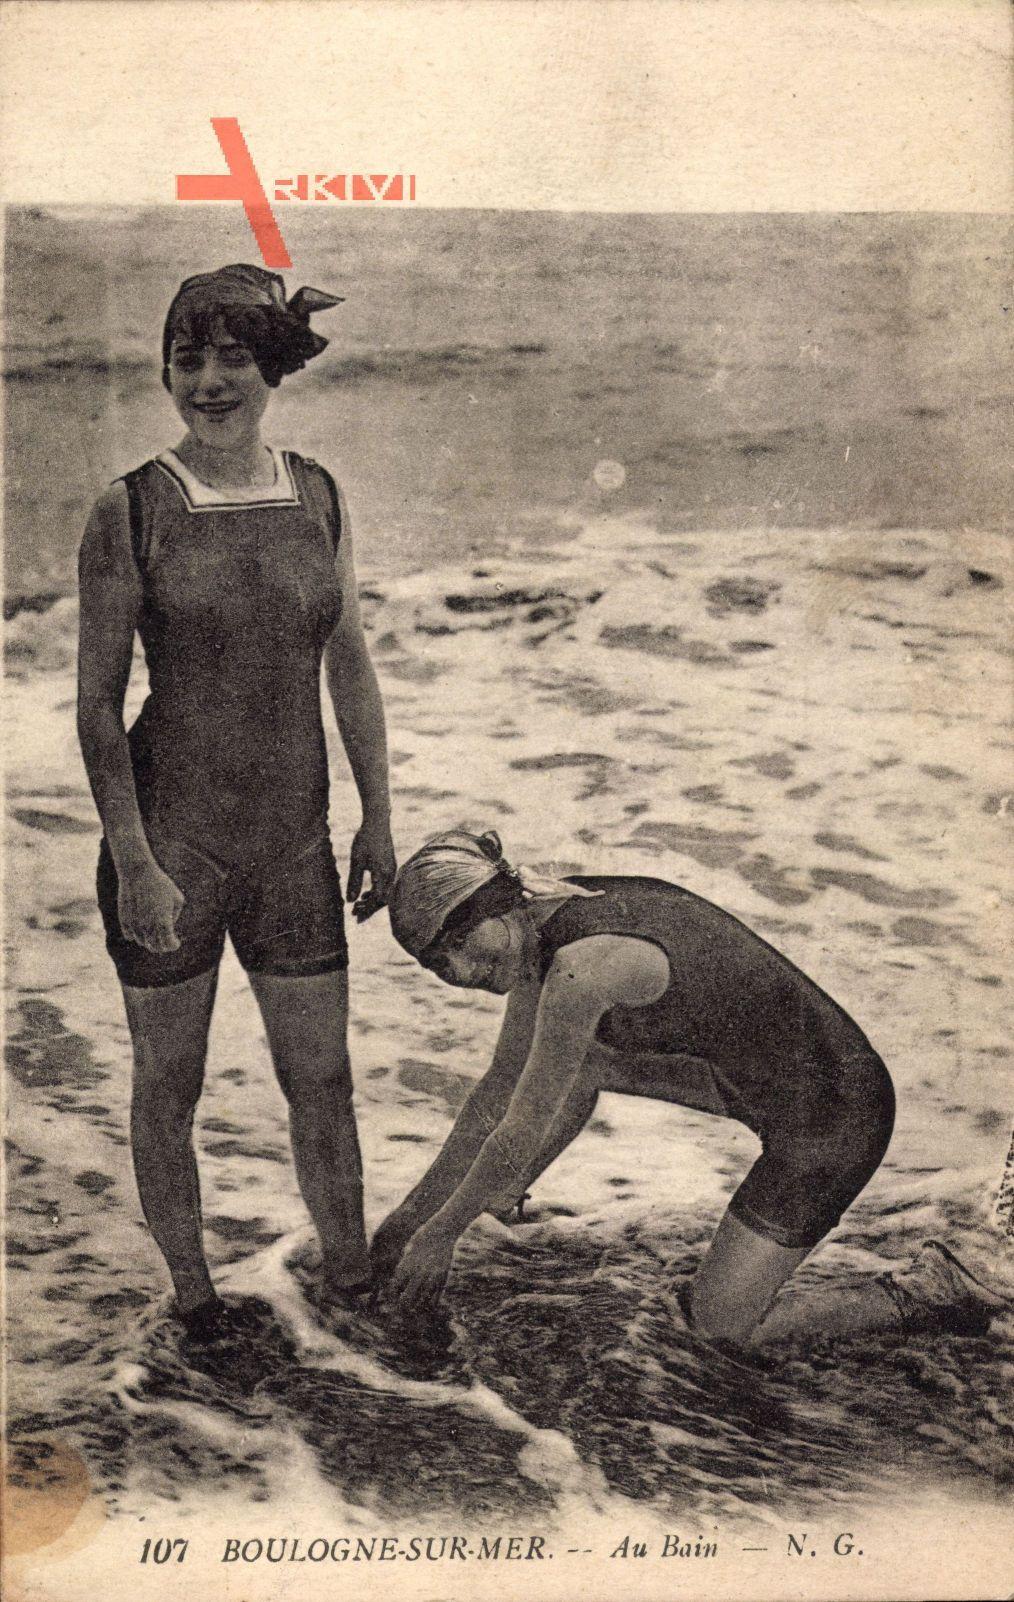 Boulogne sur Mer, Au Bain, Zwei junge Frauen am Strand, Badekleider